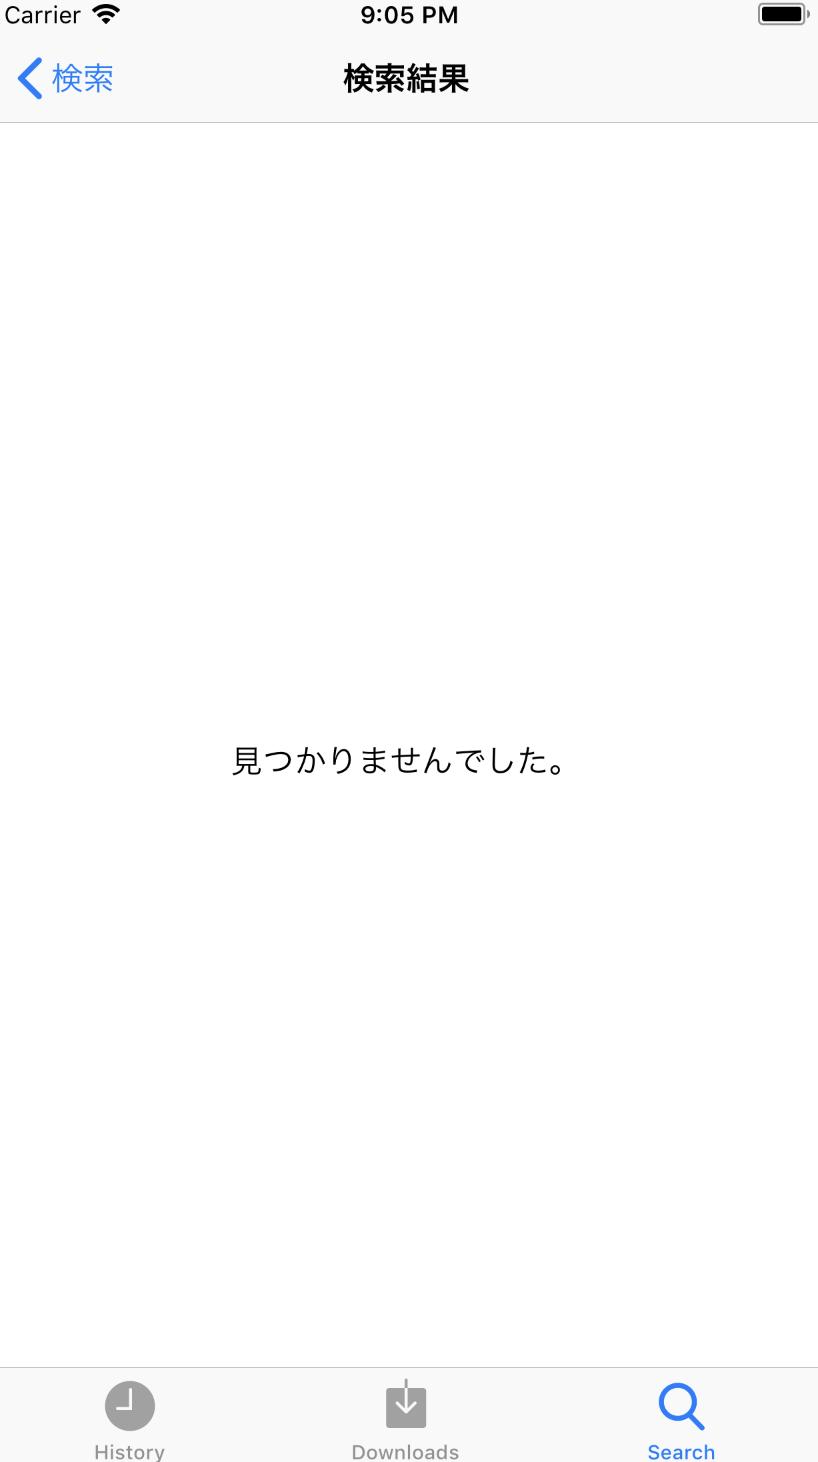 スクリーンショット 2018-03-11 21.05.25.png